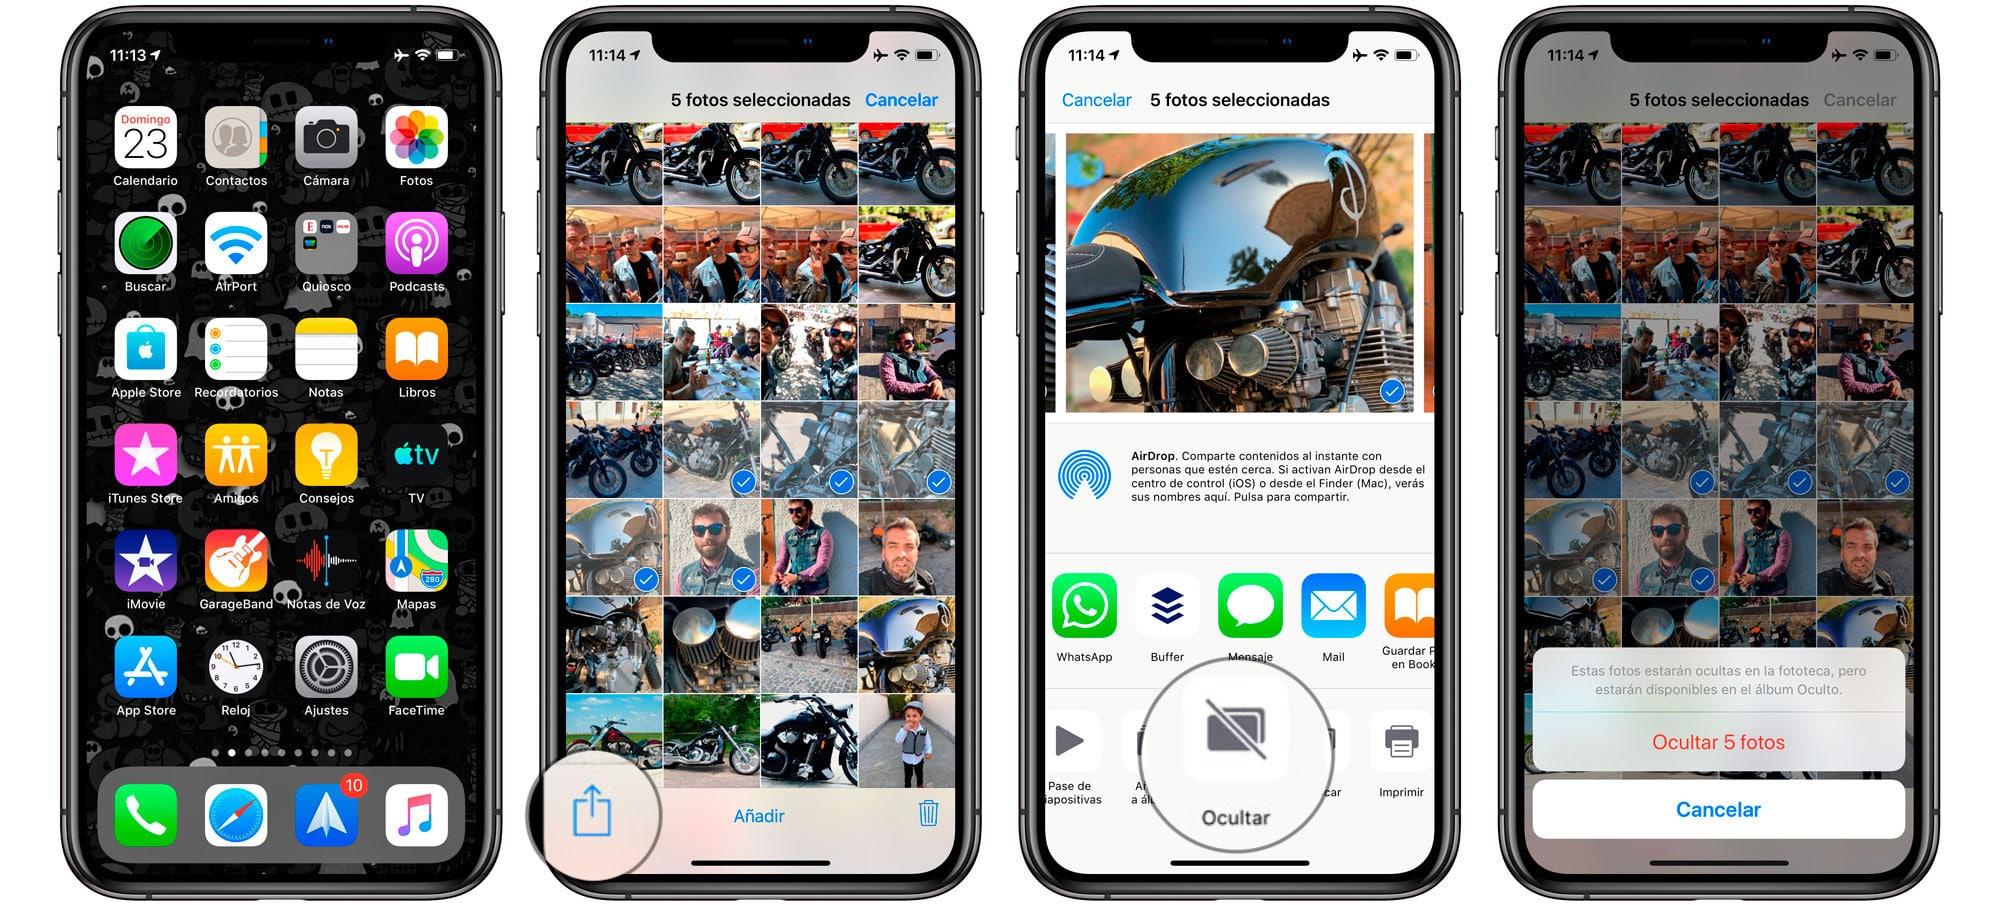 Aprende Cómo ocultar fotos en iPhone o iPad